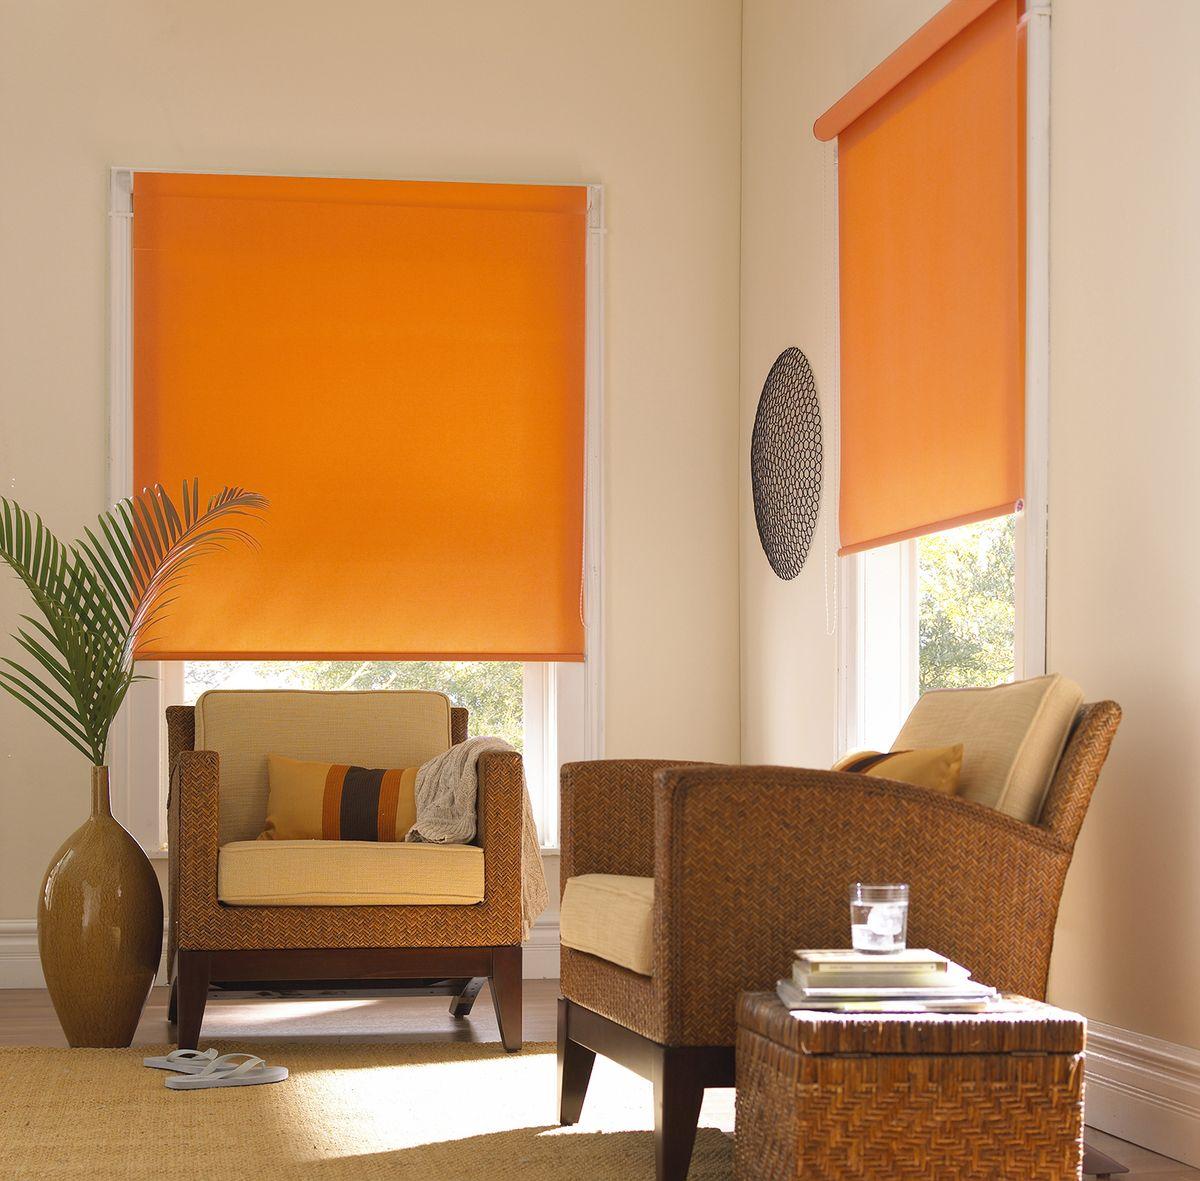 Штора рулонная Эскар Миниролло, цвет: апельсин, ширина 73 см, высота 170 см62.РШТО.8990.140х175Рулонная штора Эскар Миниролло выполнена из высокопрочной ткани, которая сохраняет свой размер даже при намокании. Ткань не выцветает и обладает отличной цветоустойчивостью.Миниролло - это подвид рулонных штор, который закрывает не весь оконный проем, а непосредственно само стекло. Такие шторы крепятся на раму без сверления при помощи зажимов или клейкой двухсторонней ленты (в комплекте). Окно остается на гарантии, благодаря монтажу без сверления. Такая штора станет прекрасным элементом декора окна и гармонично впишется в интерьер любого помещения.